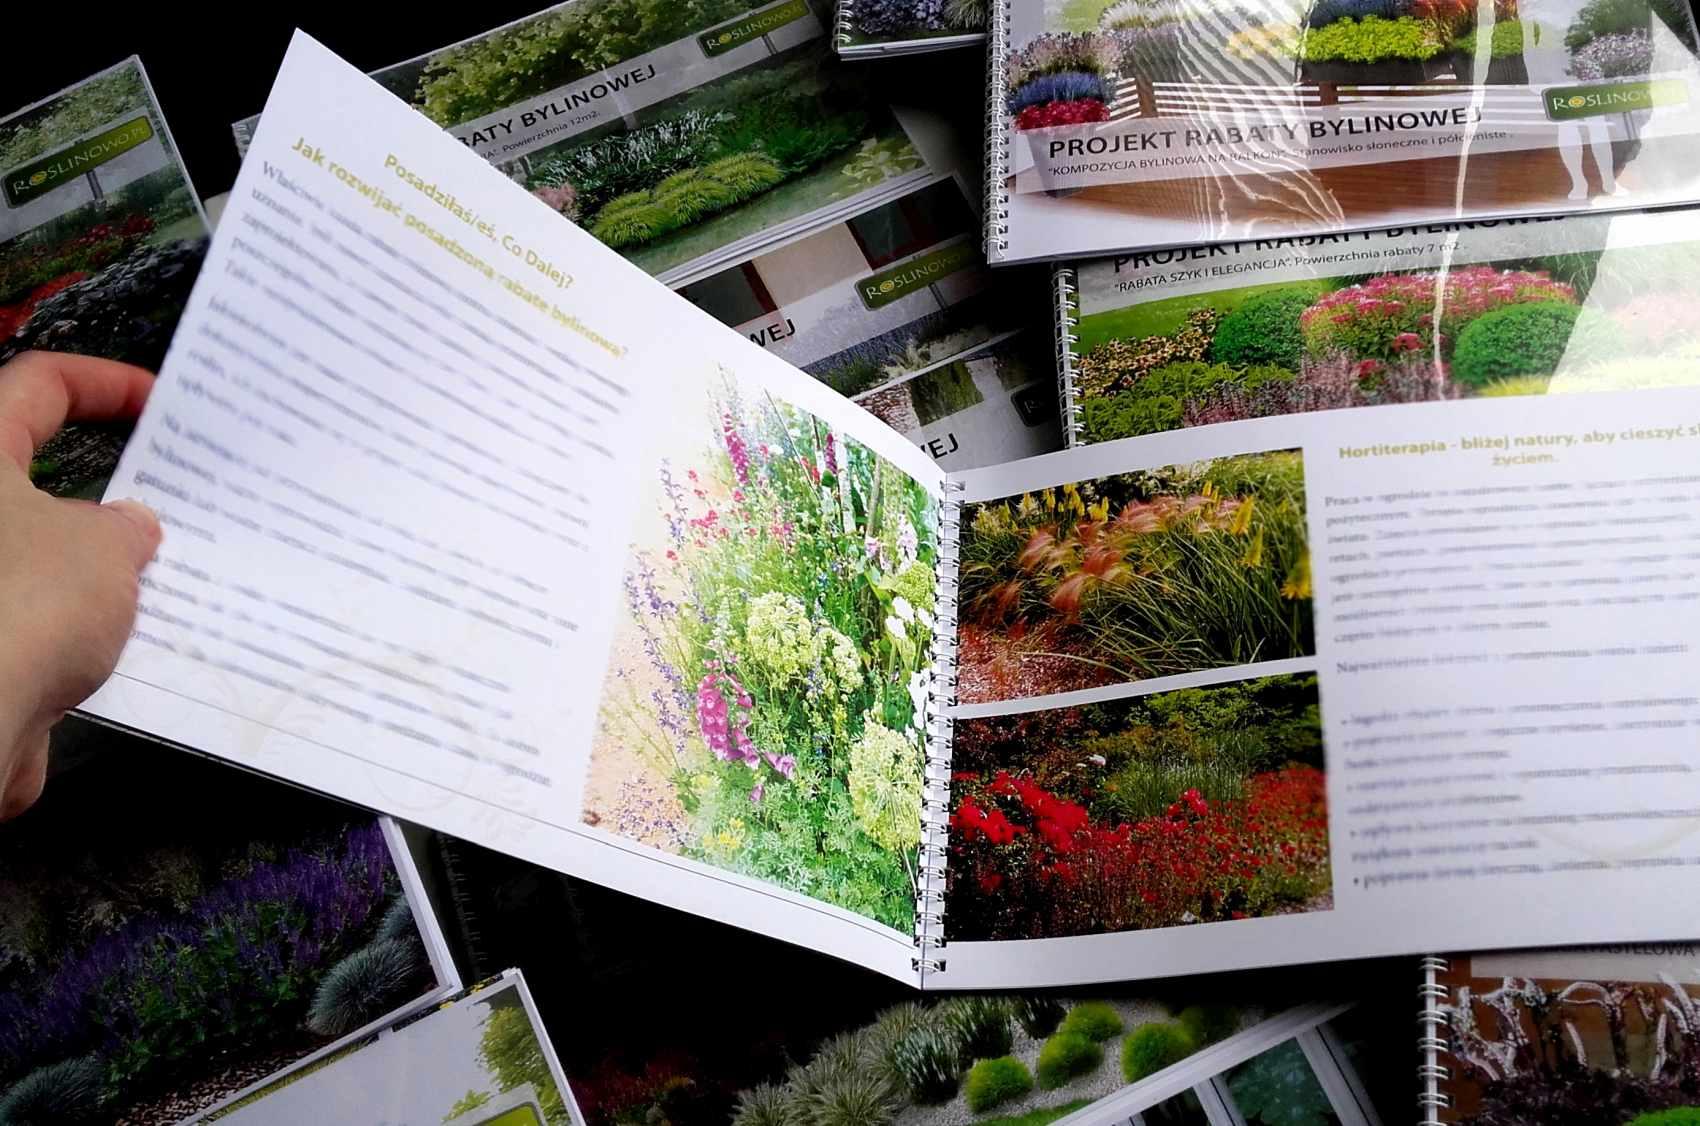 Artykuł jak rozwijać rabatę bylinową